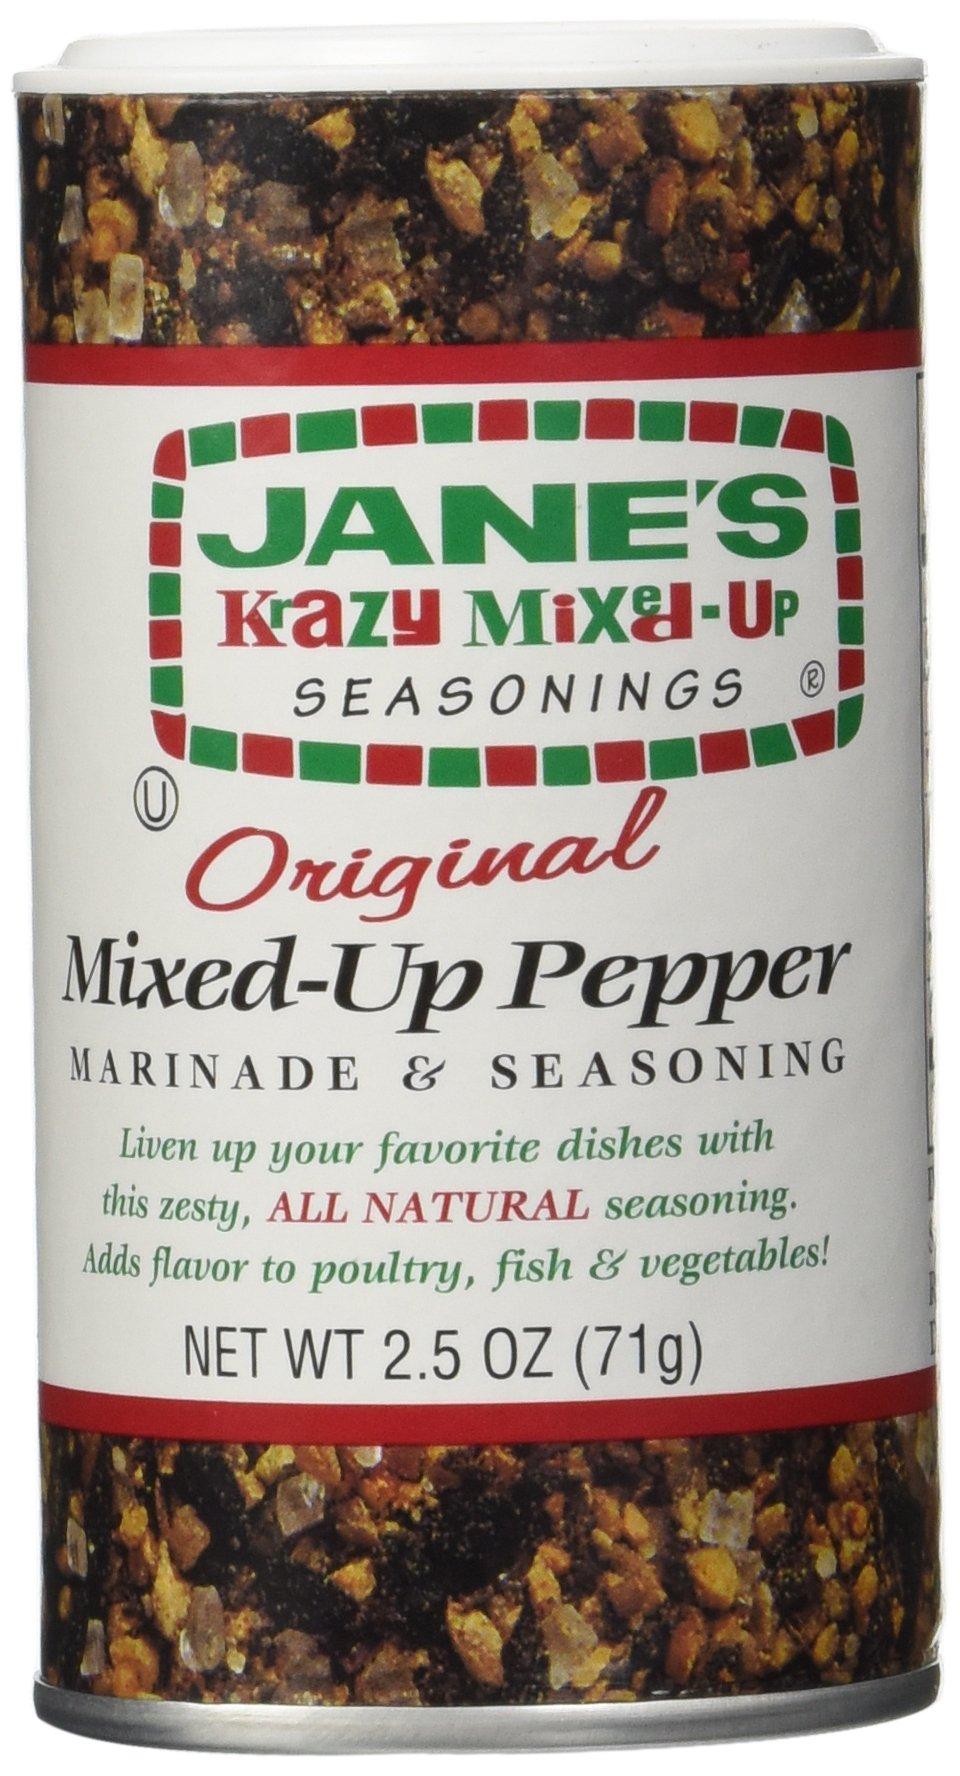 Jane's Original Krazy Mixed-Up Pepper - 2.5 oz.